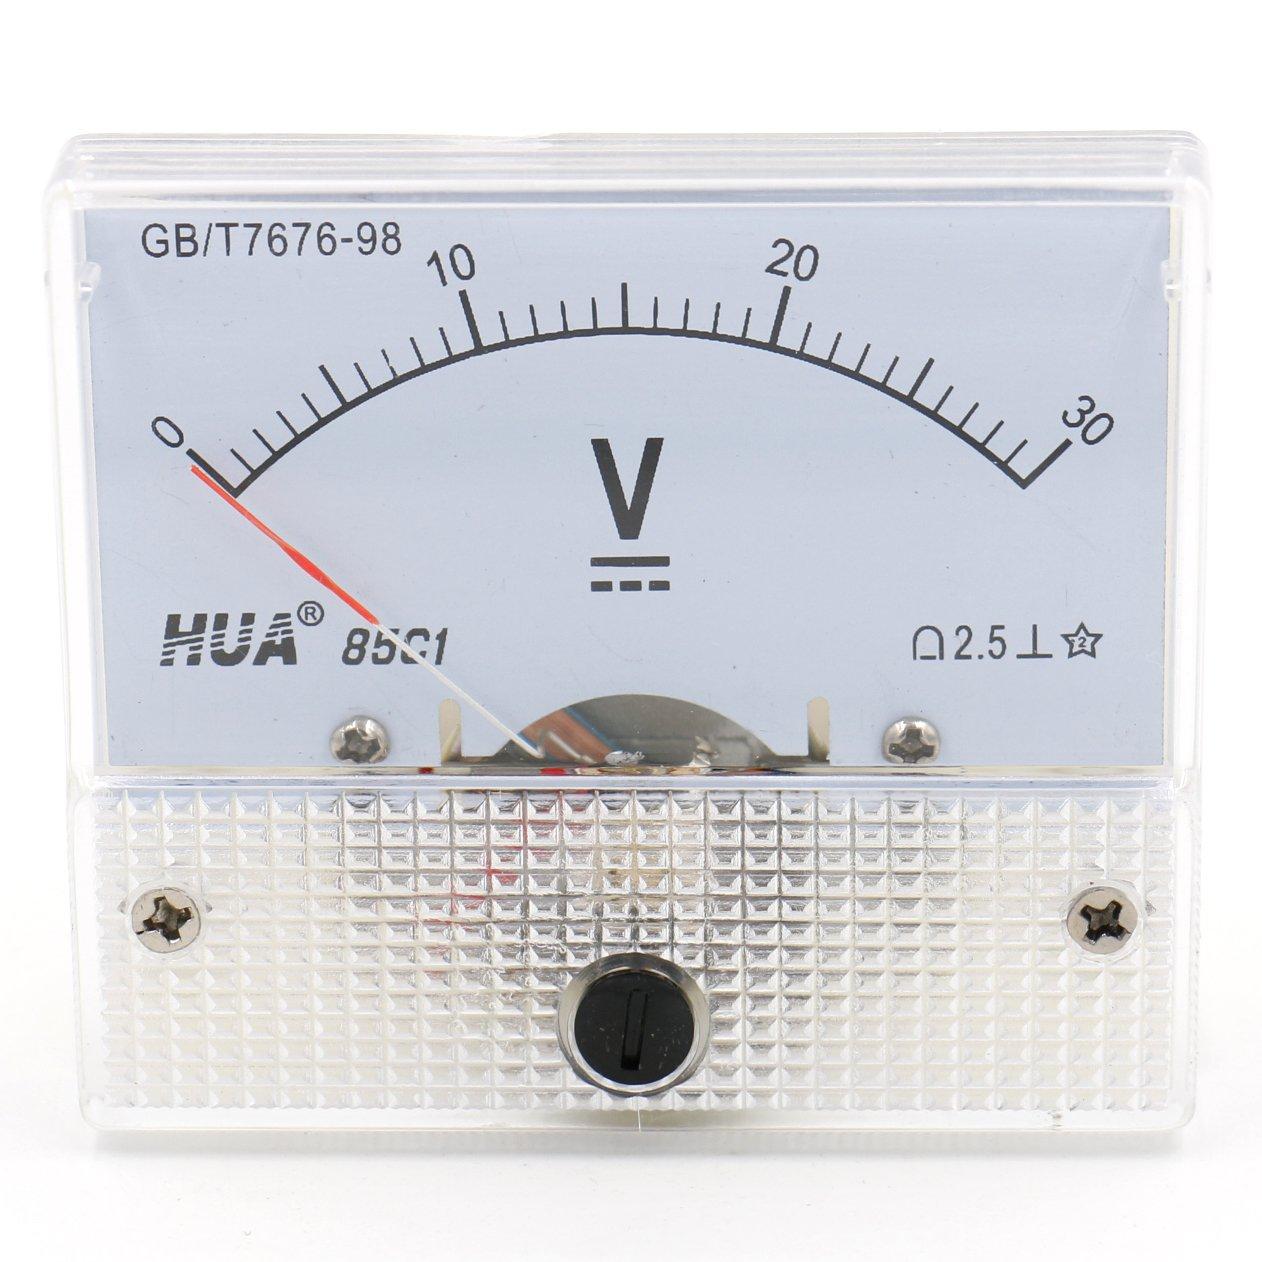 Voltmeter 85C1-30V von Heschen mit Montageblende Pr/üfger/ät DC 0 rechteckig Genauigkeitsklasse 2,5,/wei/ß 30/V 30/V Spannungsmesser